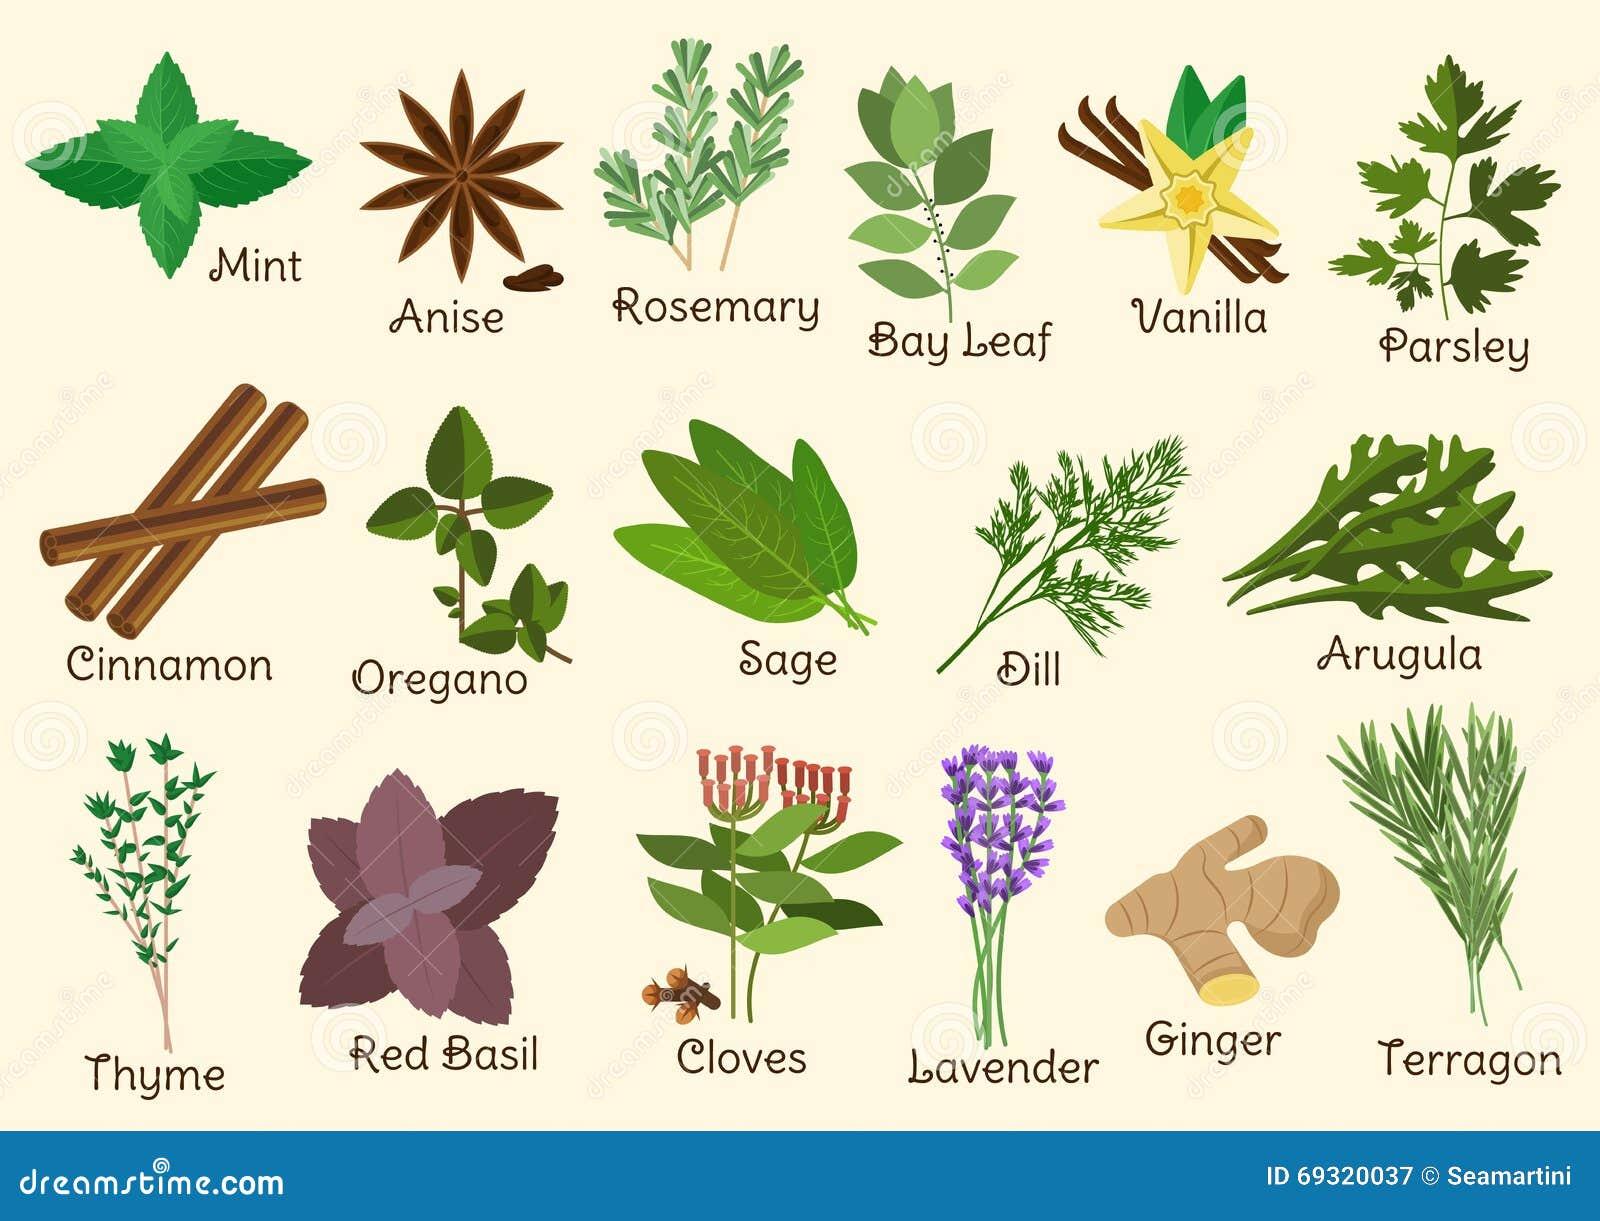 Condiment herbes et pices de cuisine illustration de vecteur image 69320037 - Herbes aromatiques cuisine liste ...